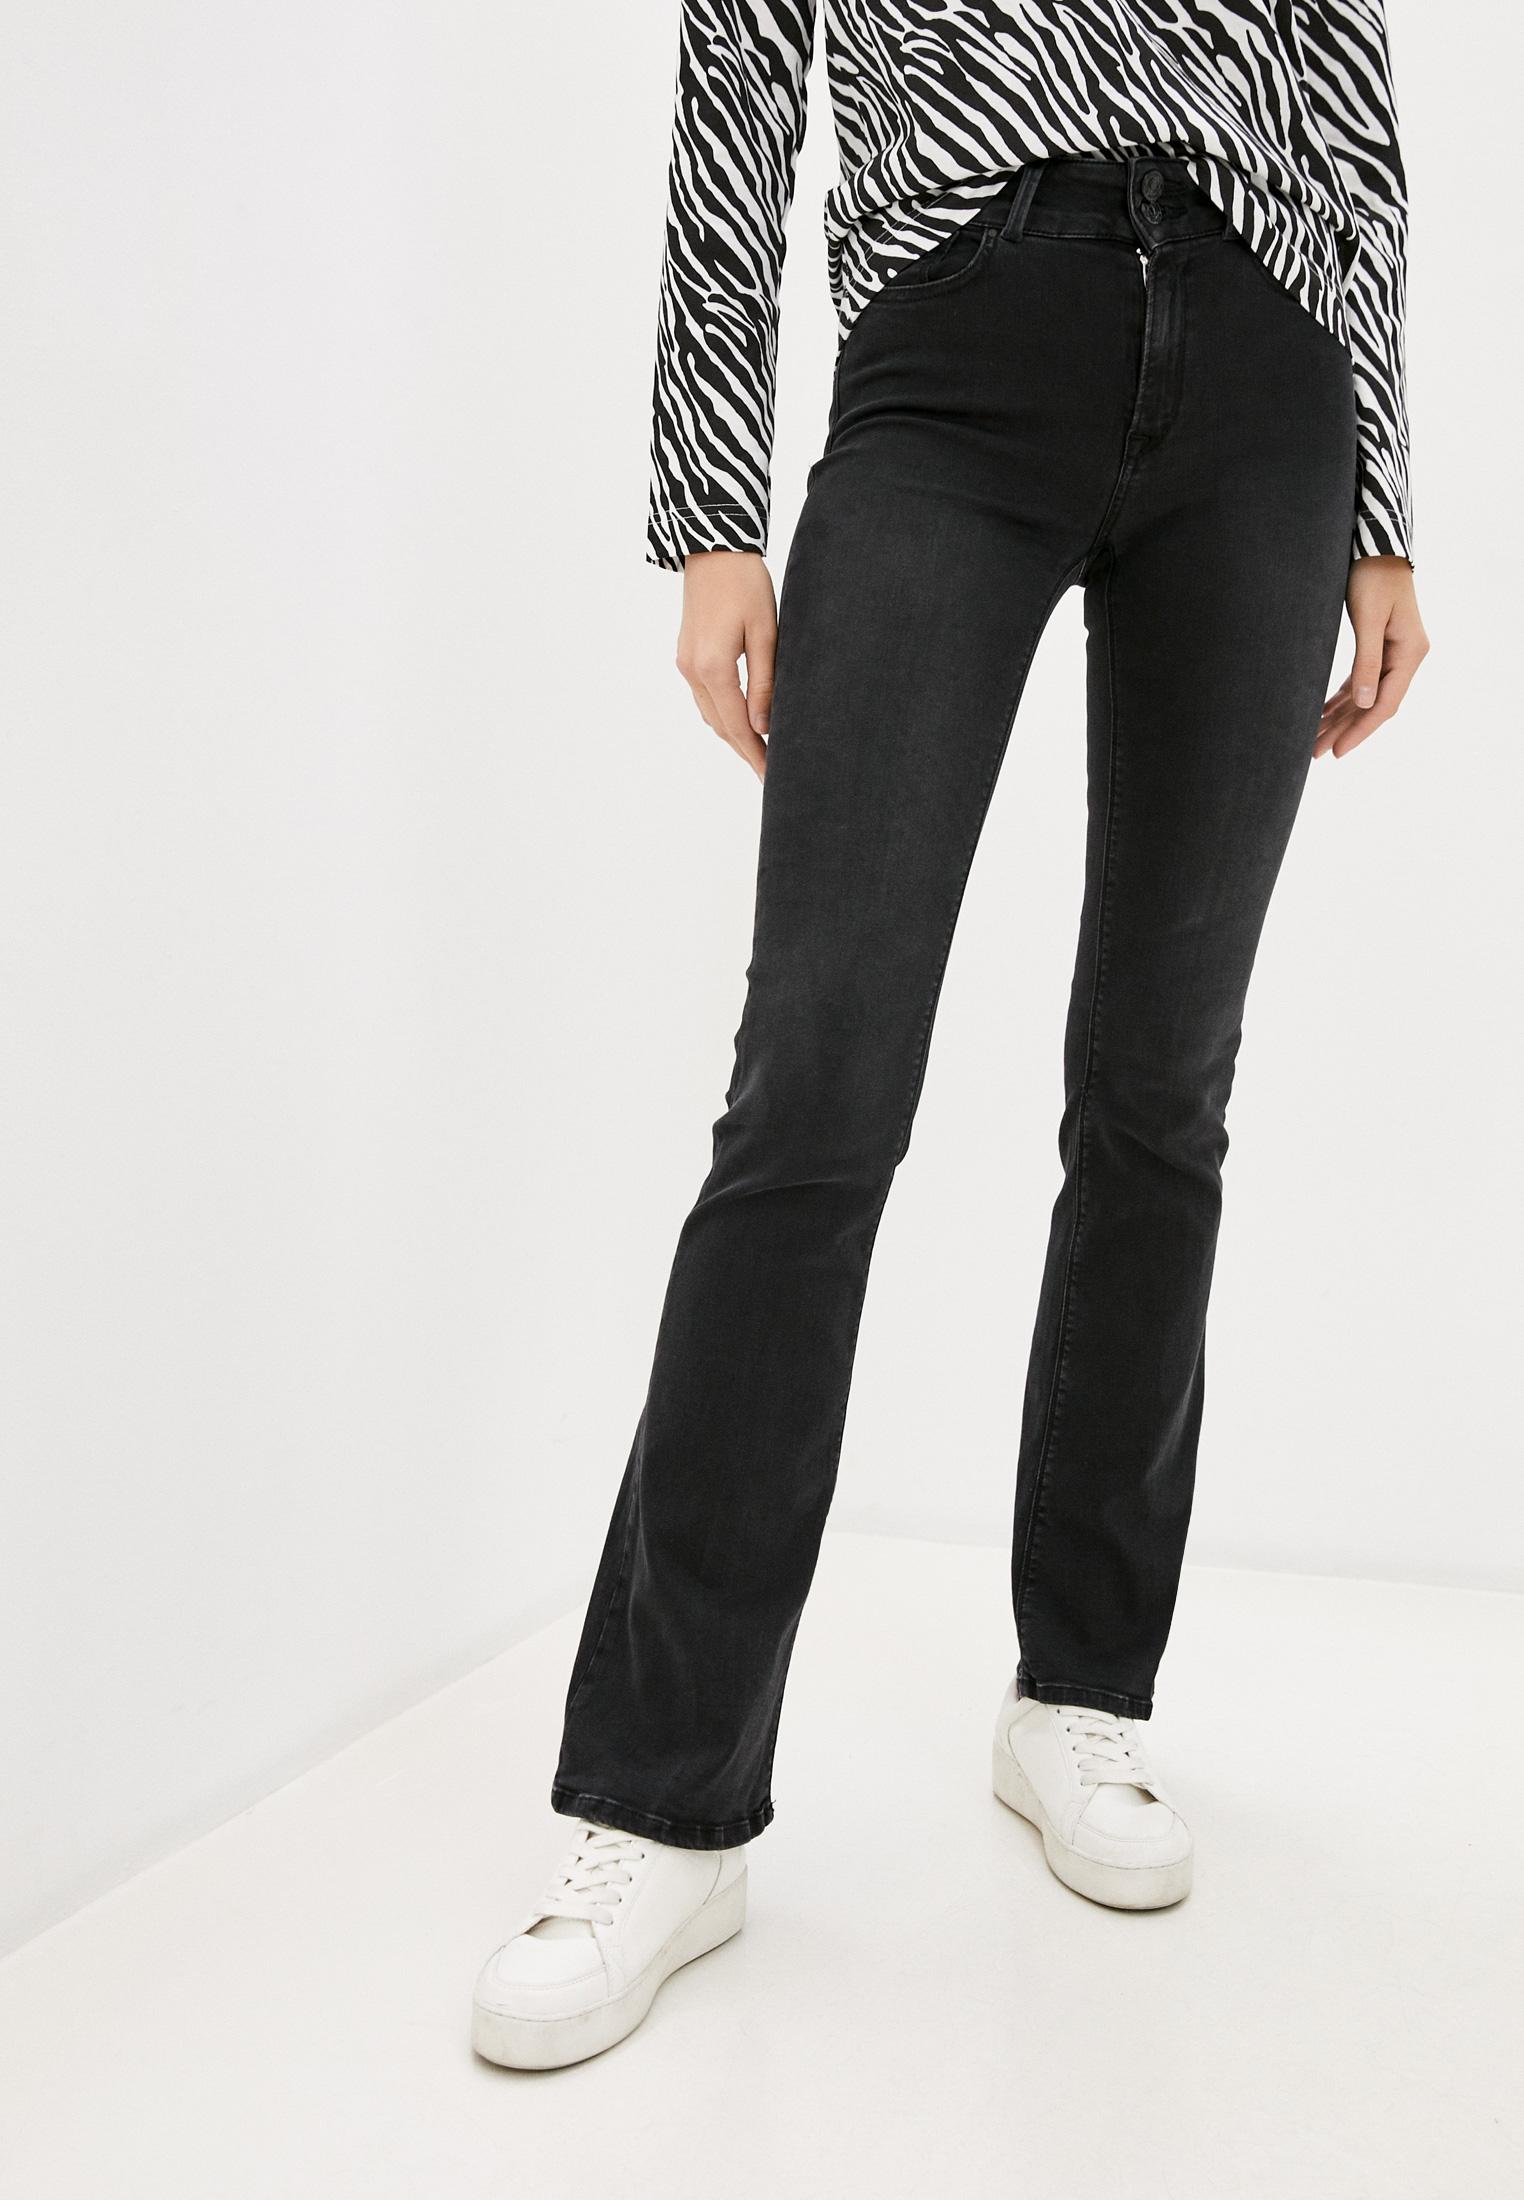 Широкие и расклешенные джинсы Replay (Реплей) WLW689.000.103736